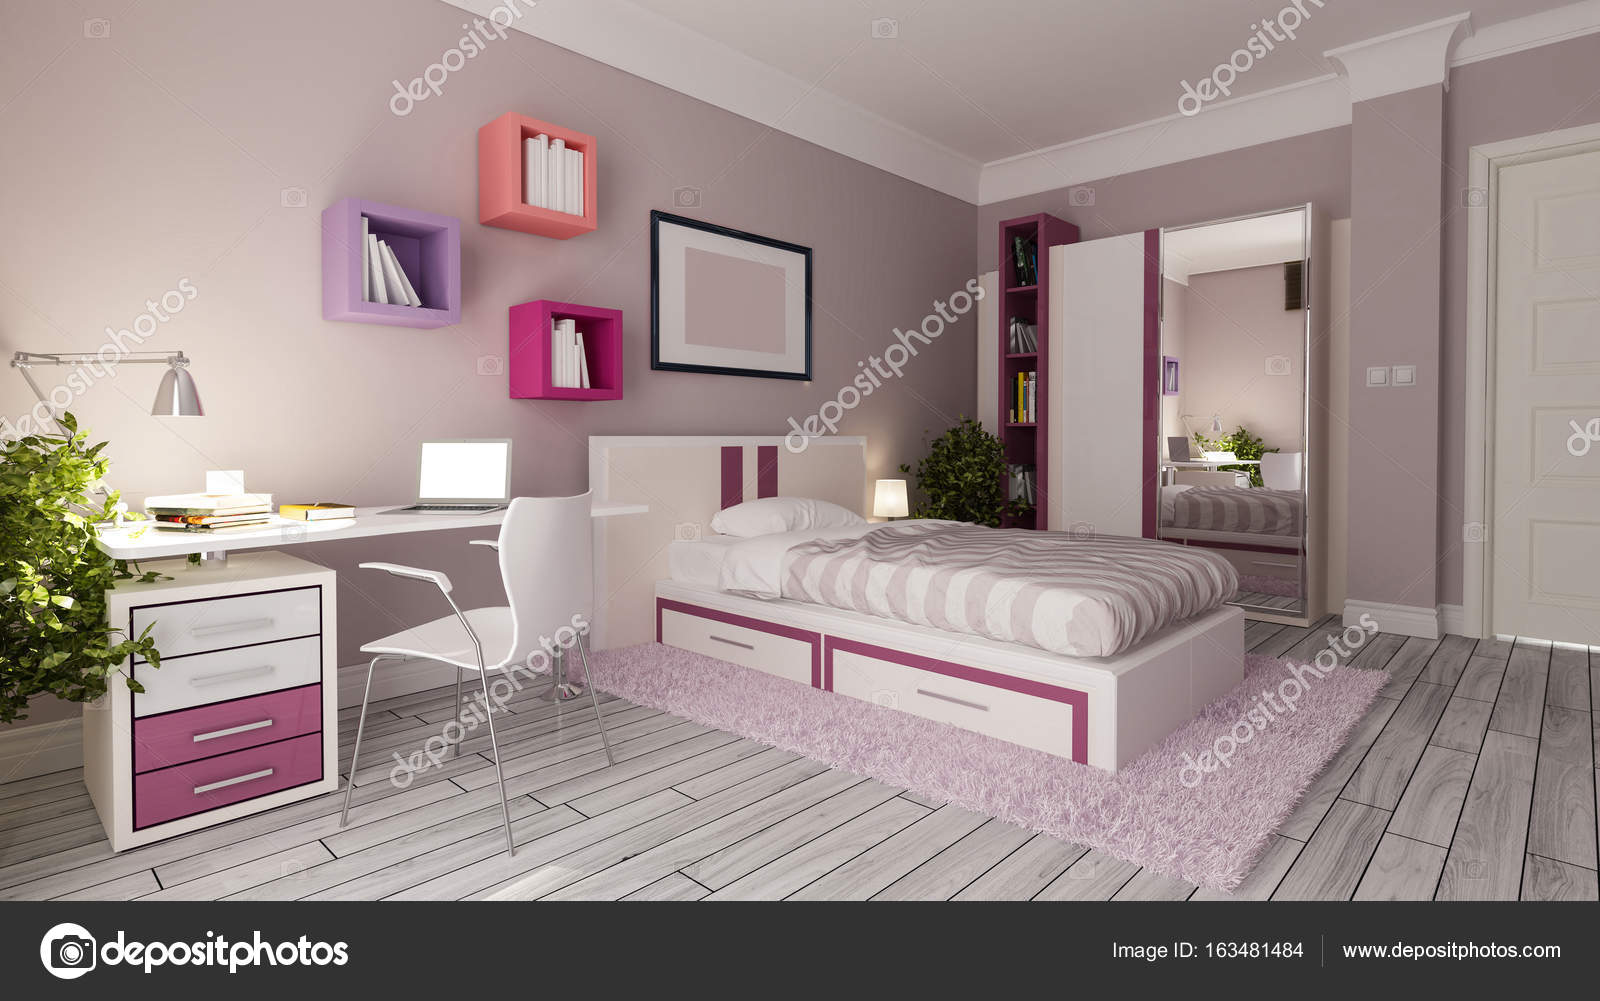 tiener meisje slaapkamer design idee — Stockfoto © sseven #163481484